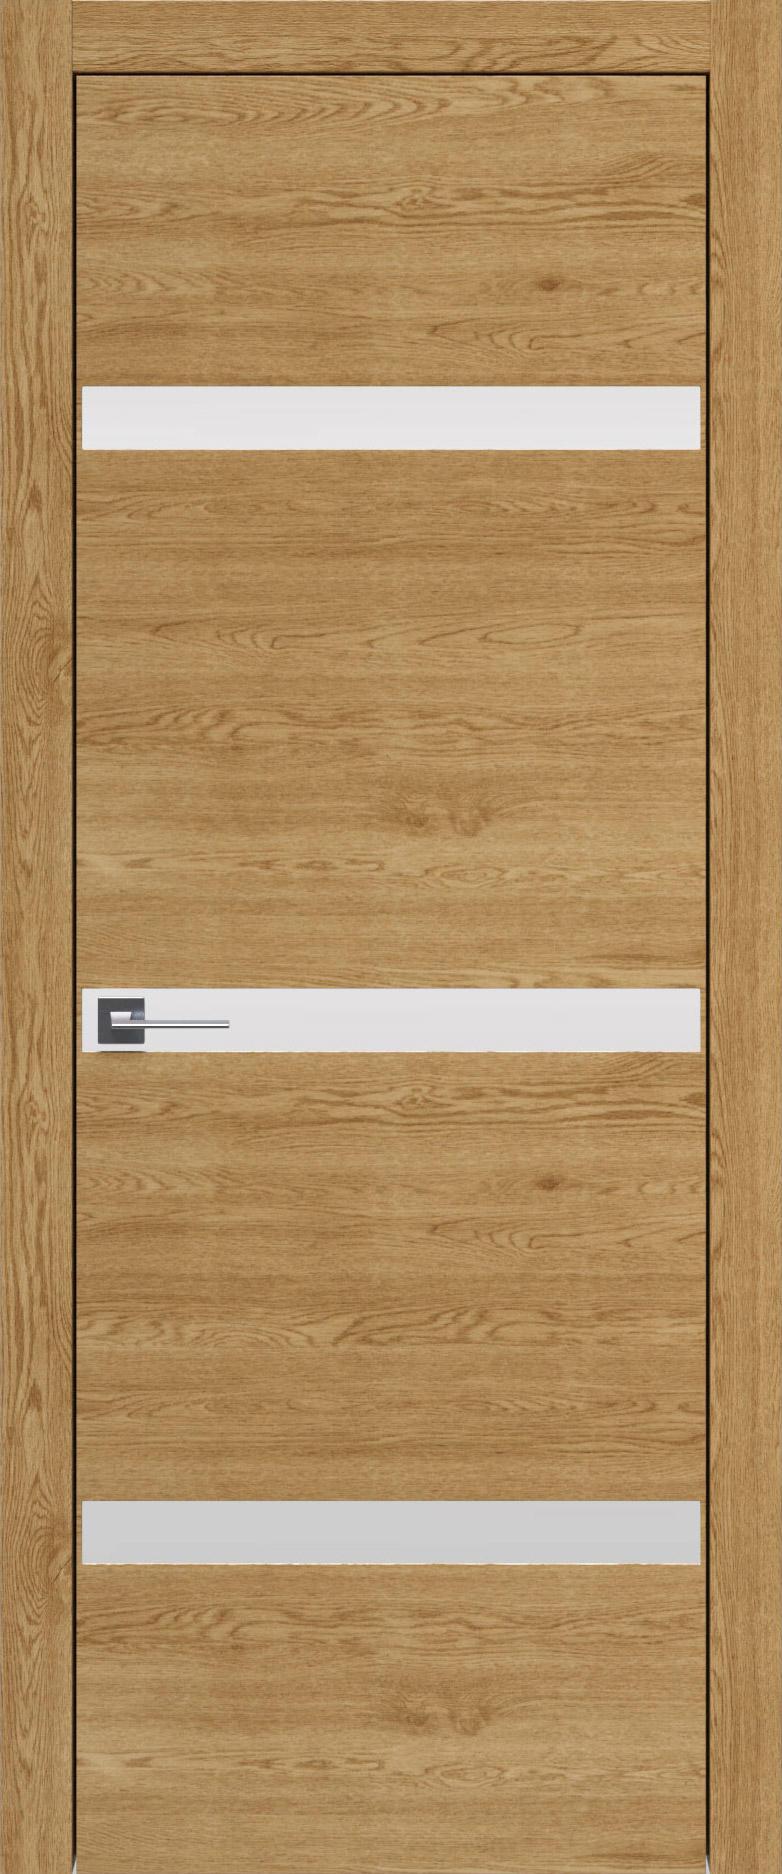 Tivoli Г-4 цвет - Дуб натуральный Без стекла (ДГ)